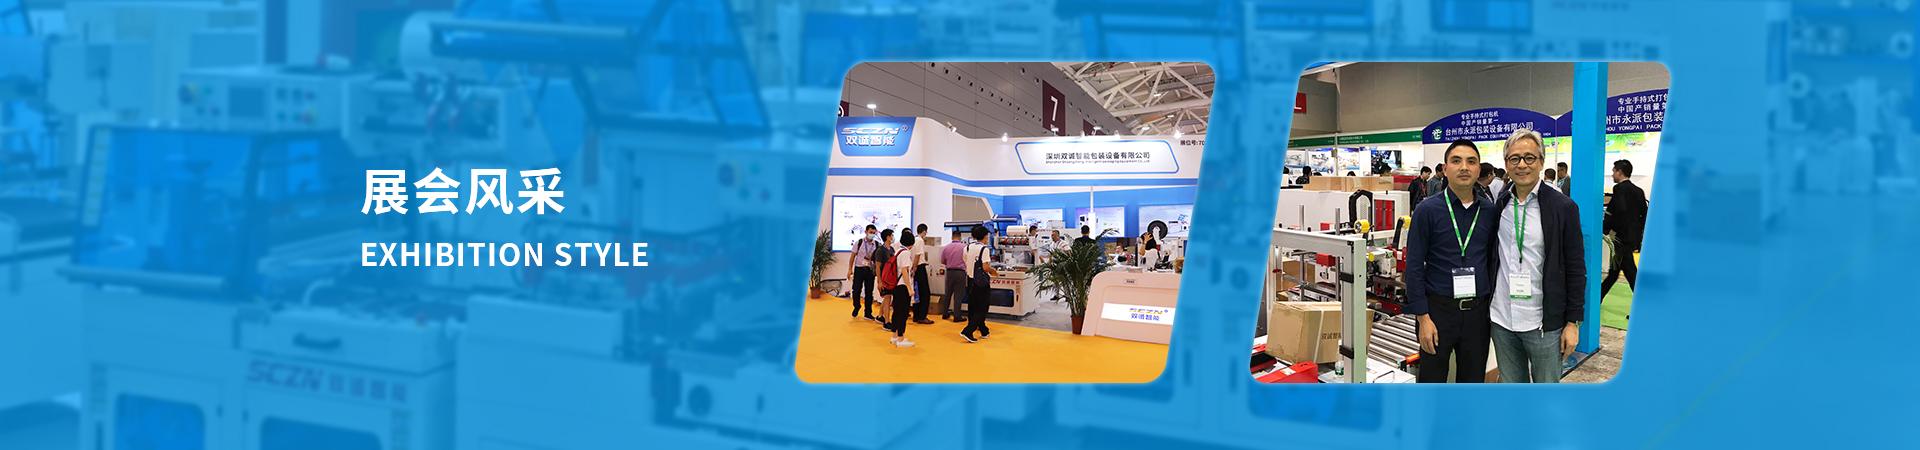 义乌国际装备博览会